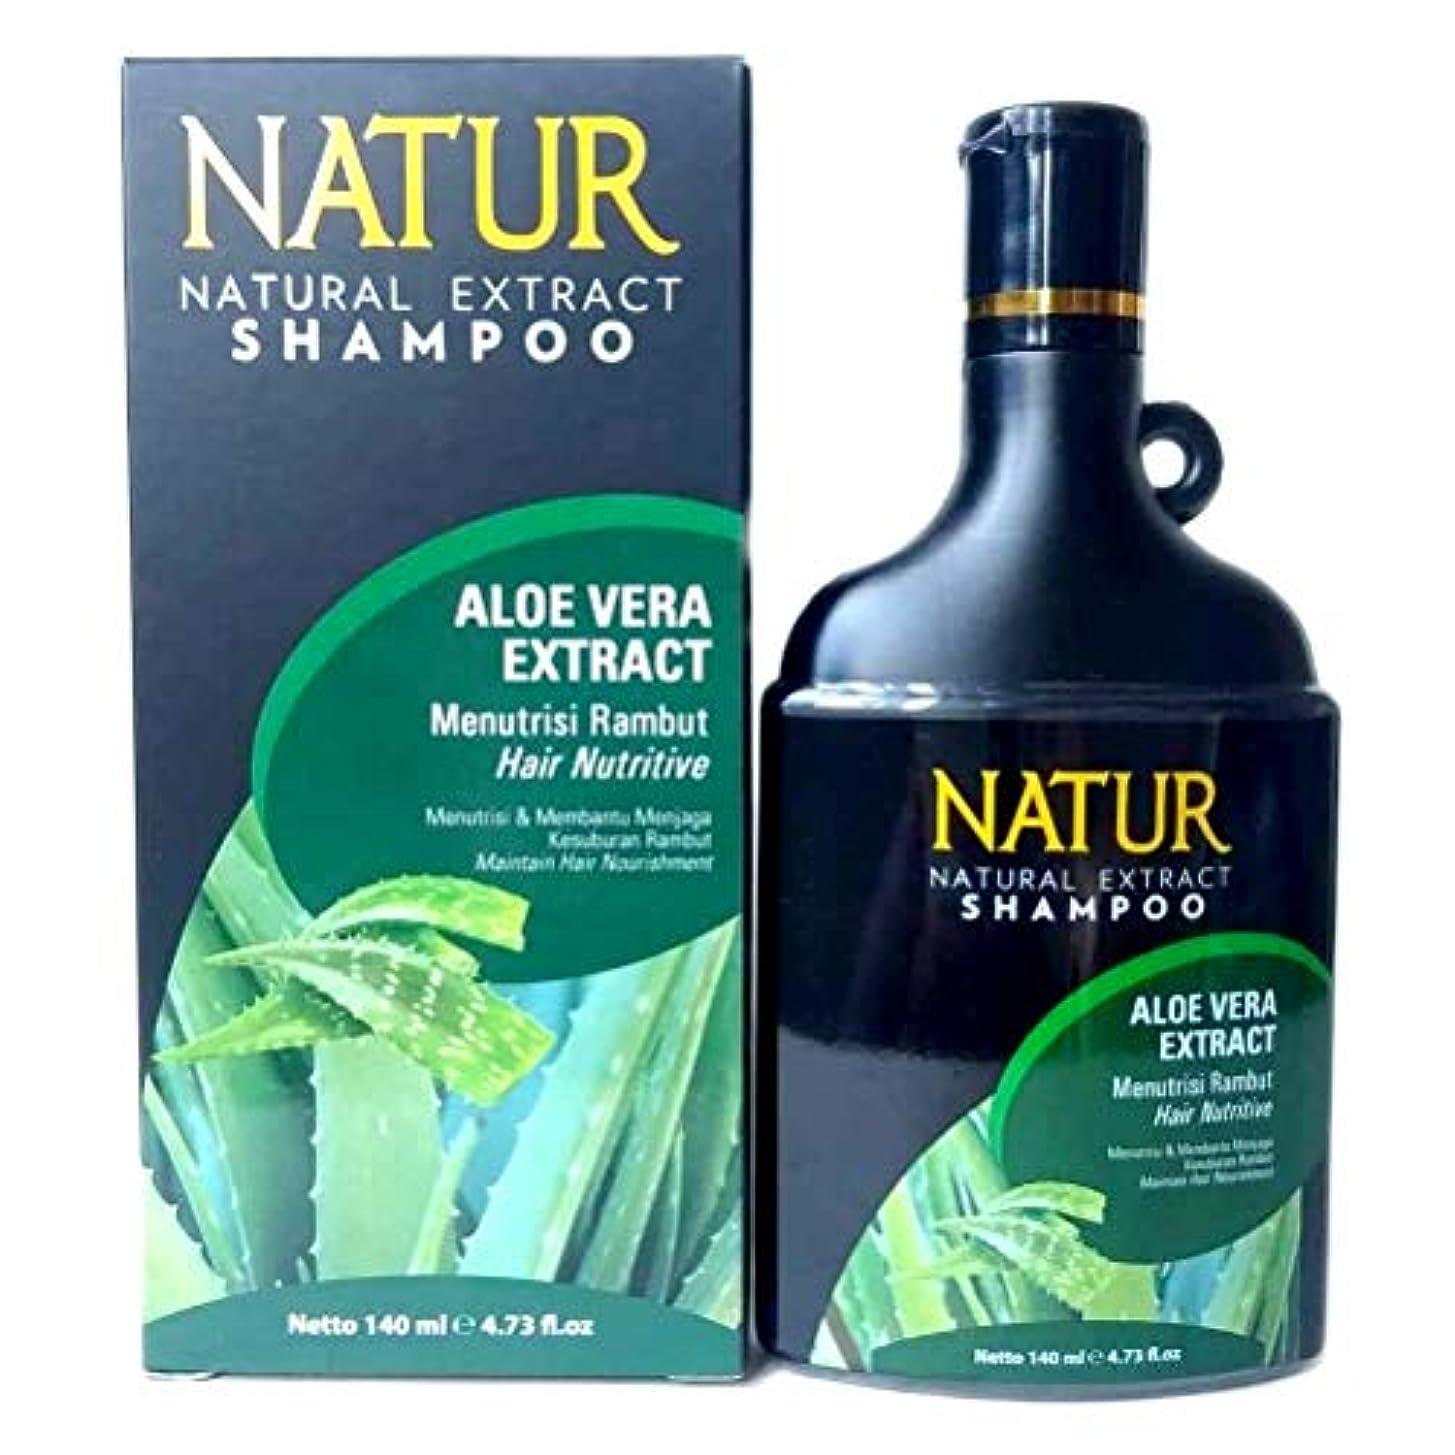 染色で出来ている階下NATUR ナトゥール 天然植物エキス配合 ハーバルシャンプー 140ml Aloe vera アロエベラ [海外直商品]